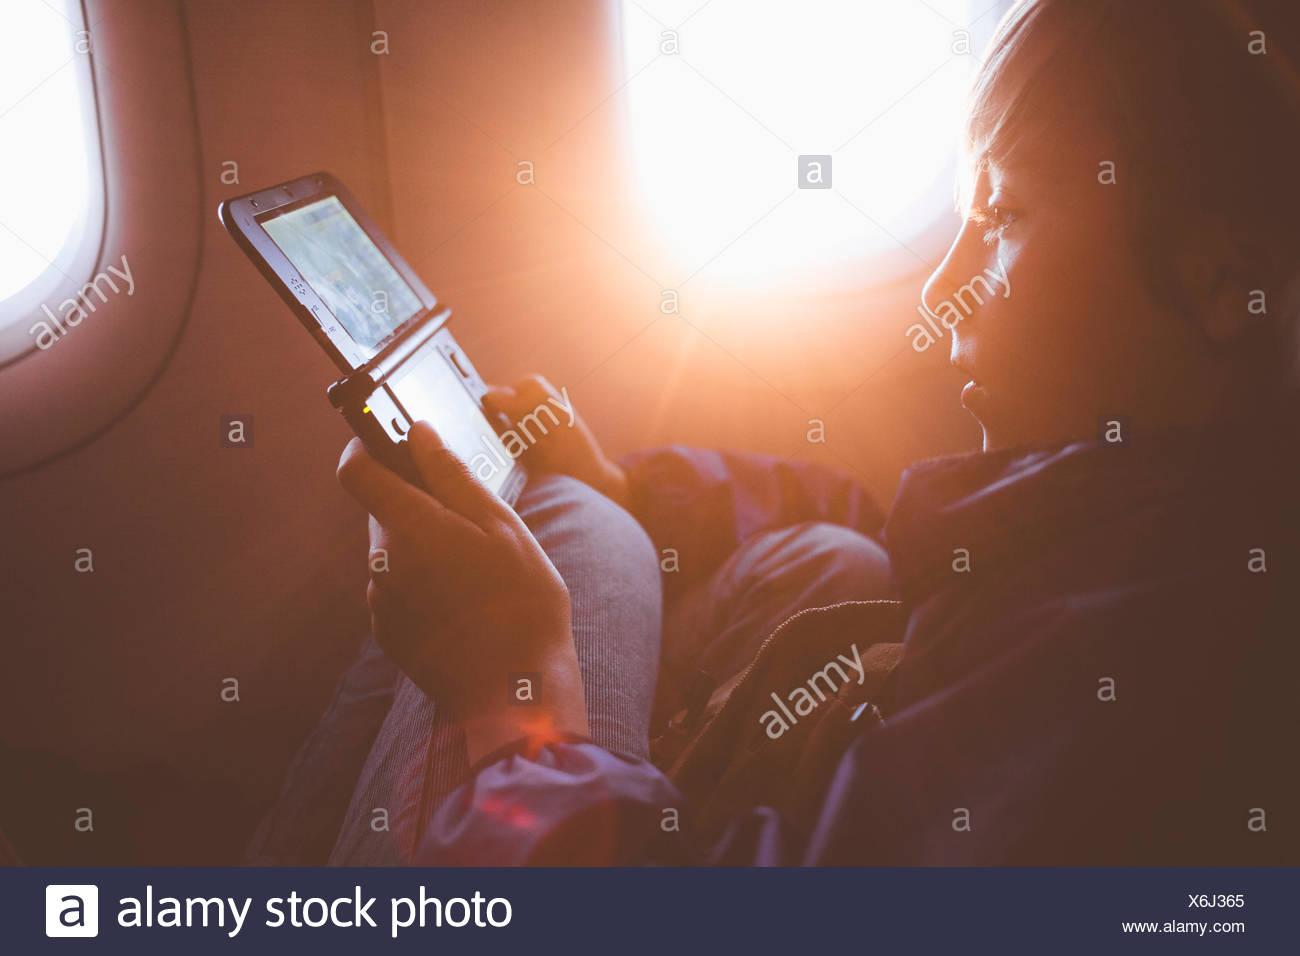 Niño jugando con videojuegos portátil Imagen De Stock